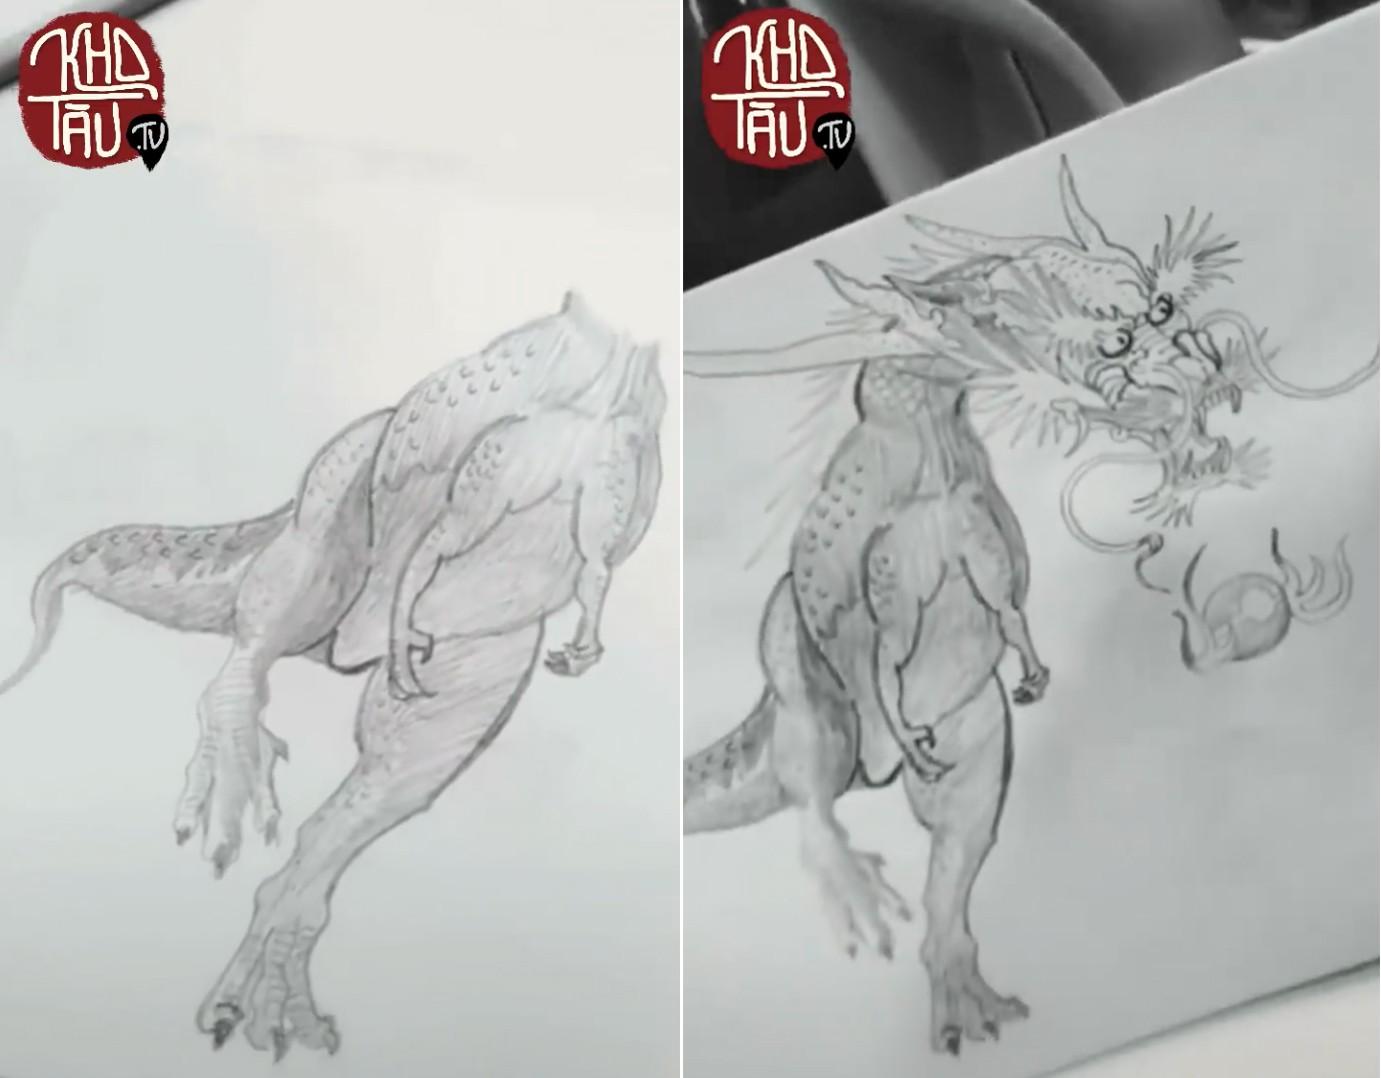 Tài năng có hạn nhưng vẫn thích thể hiện, anh trai vẽ rồng giúp em gái và cái kết cười ra nước mắt - Ảnh 7.